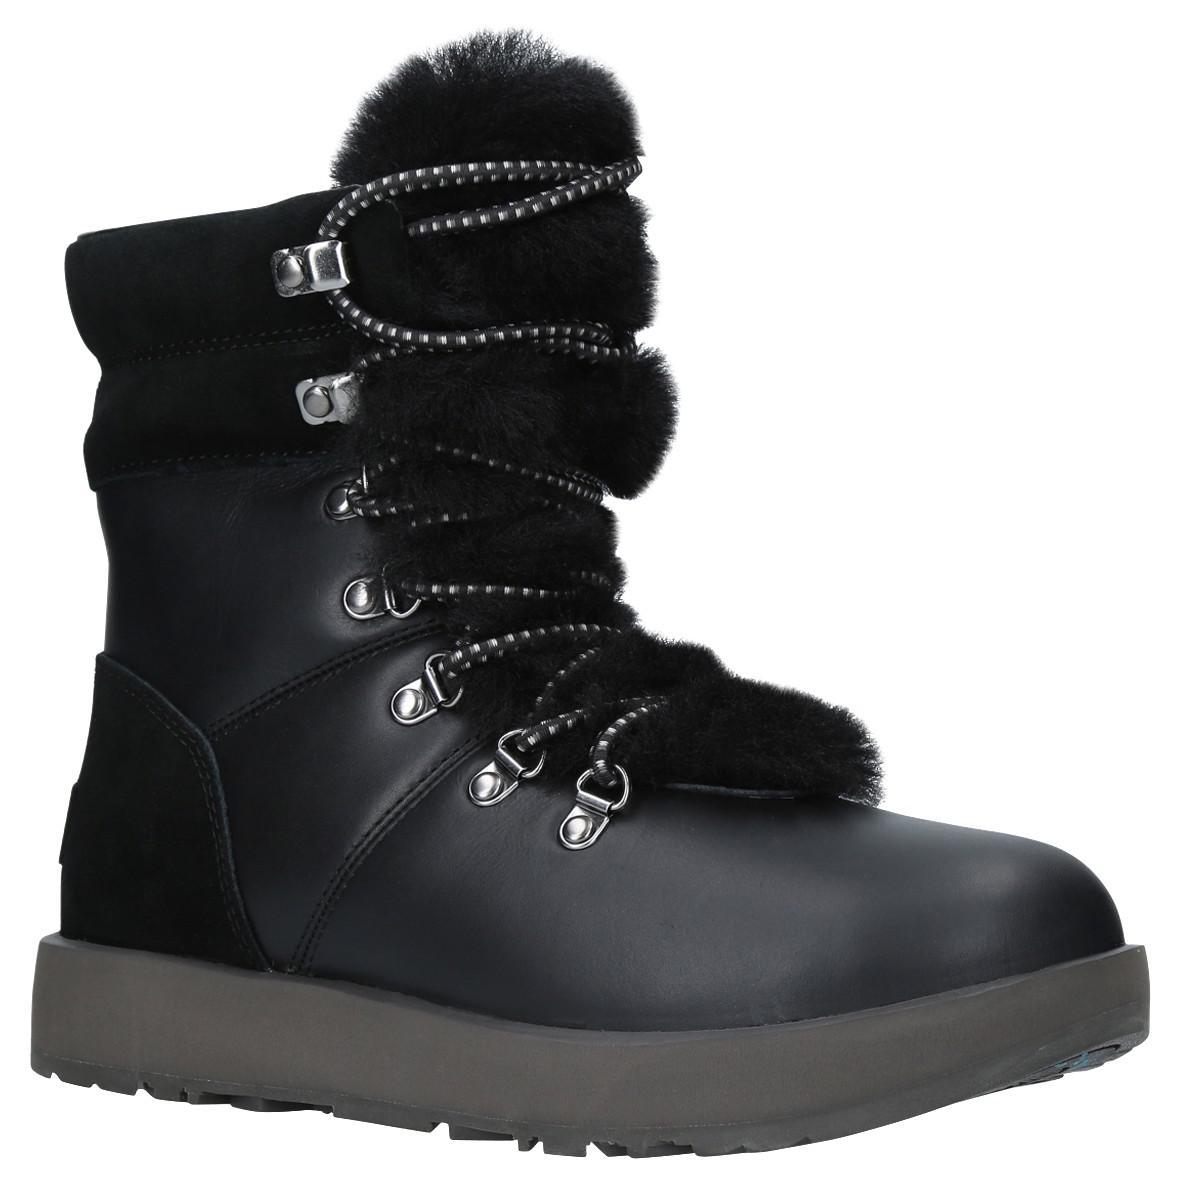 90bae212735 UGG Viki Waterproof Ankle Boots in Black - Lyst